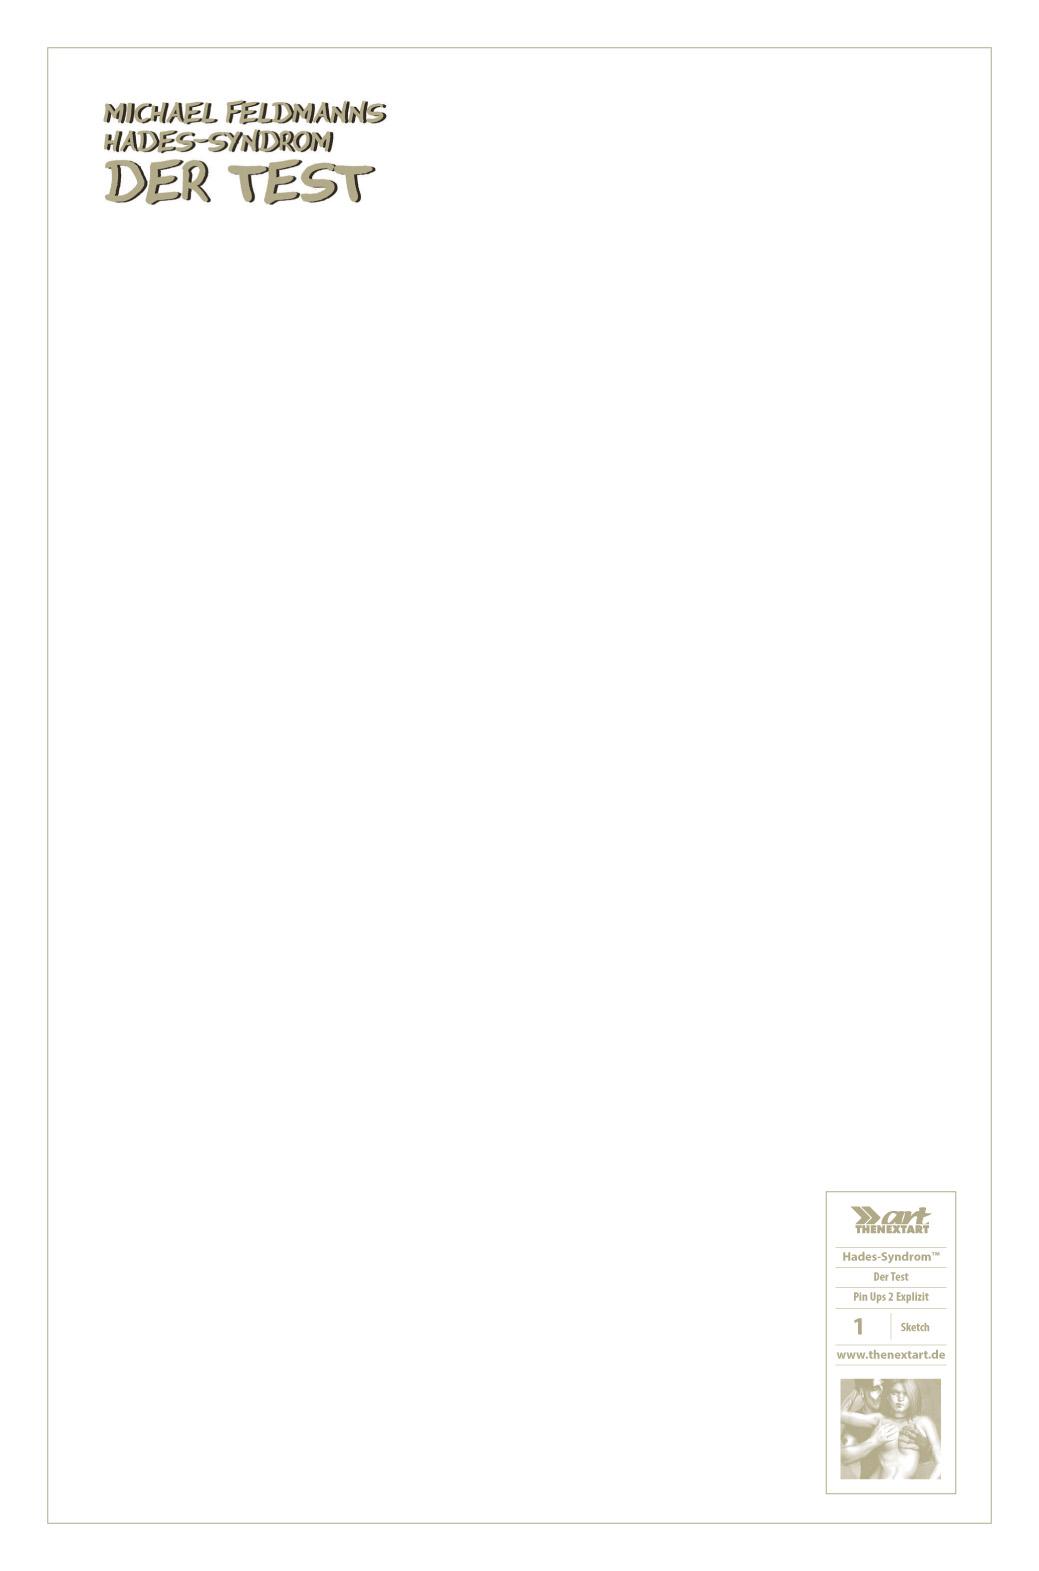 Michael Feldmann Hades-Syndrom – Der Test Blank Sketch Cover